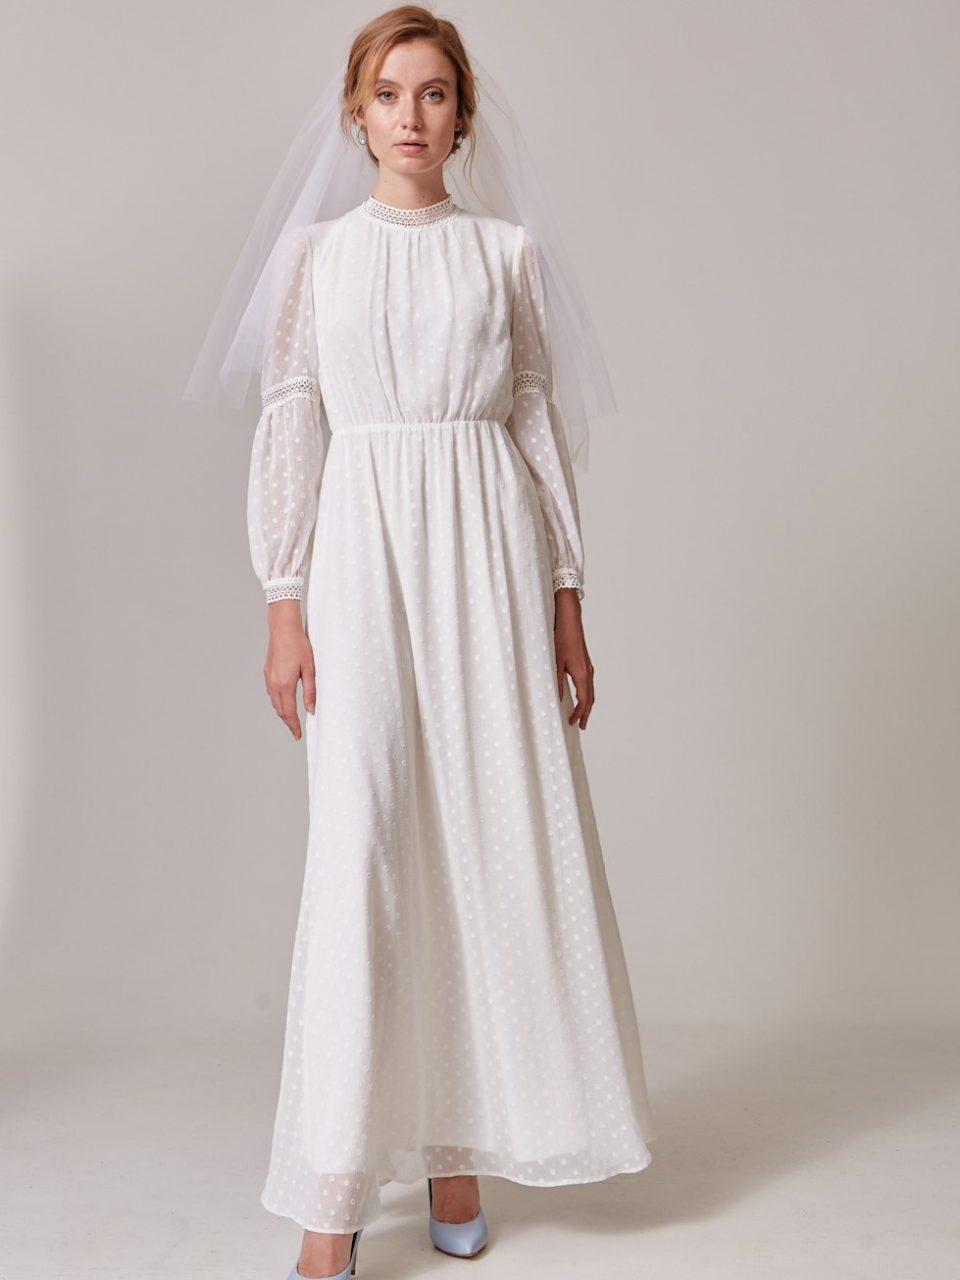 Dress 2022